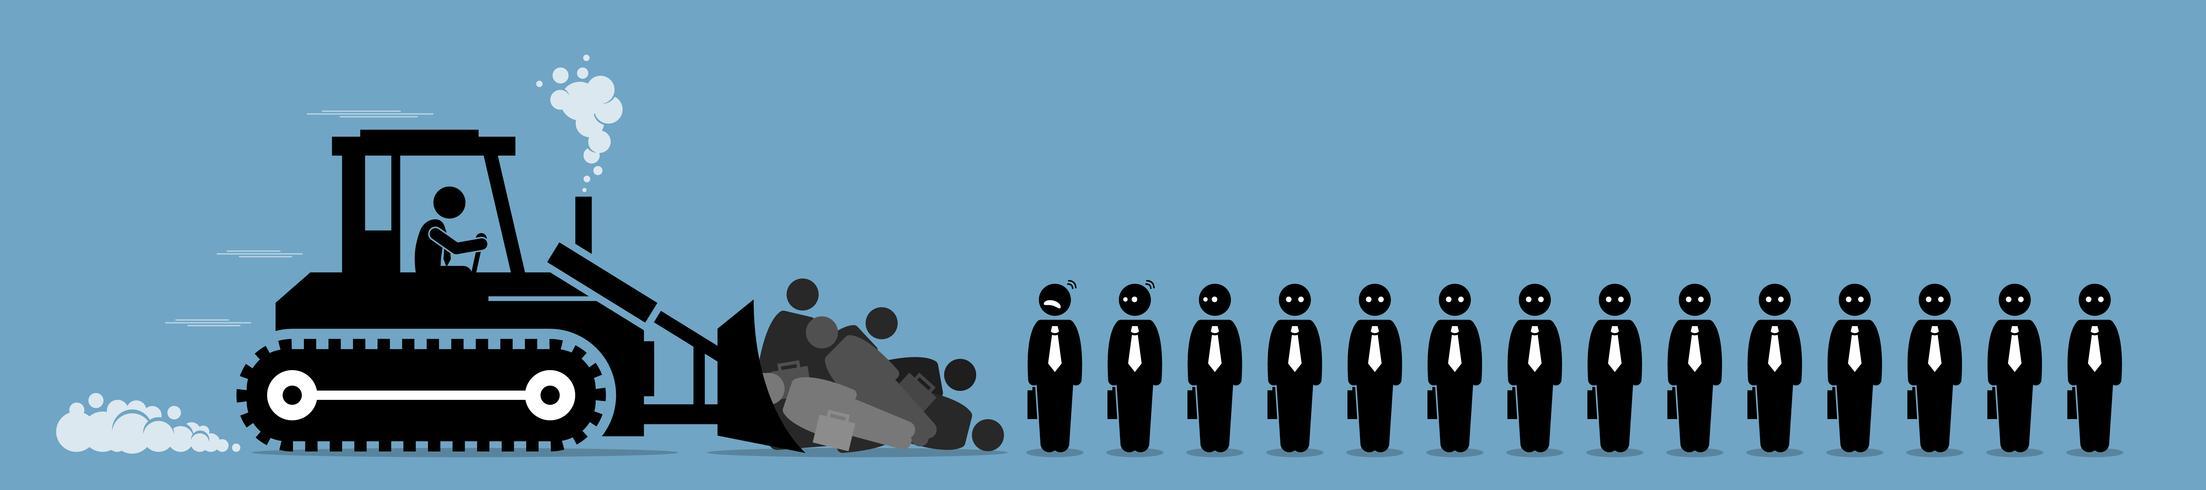 Riduzione del personale, licenziamenti dei dipendenti dell'azienda e riduzione dei posti di lavoro. vettore